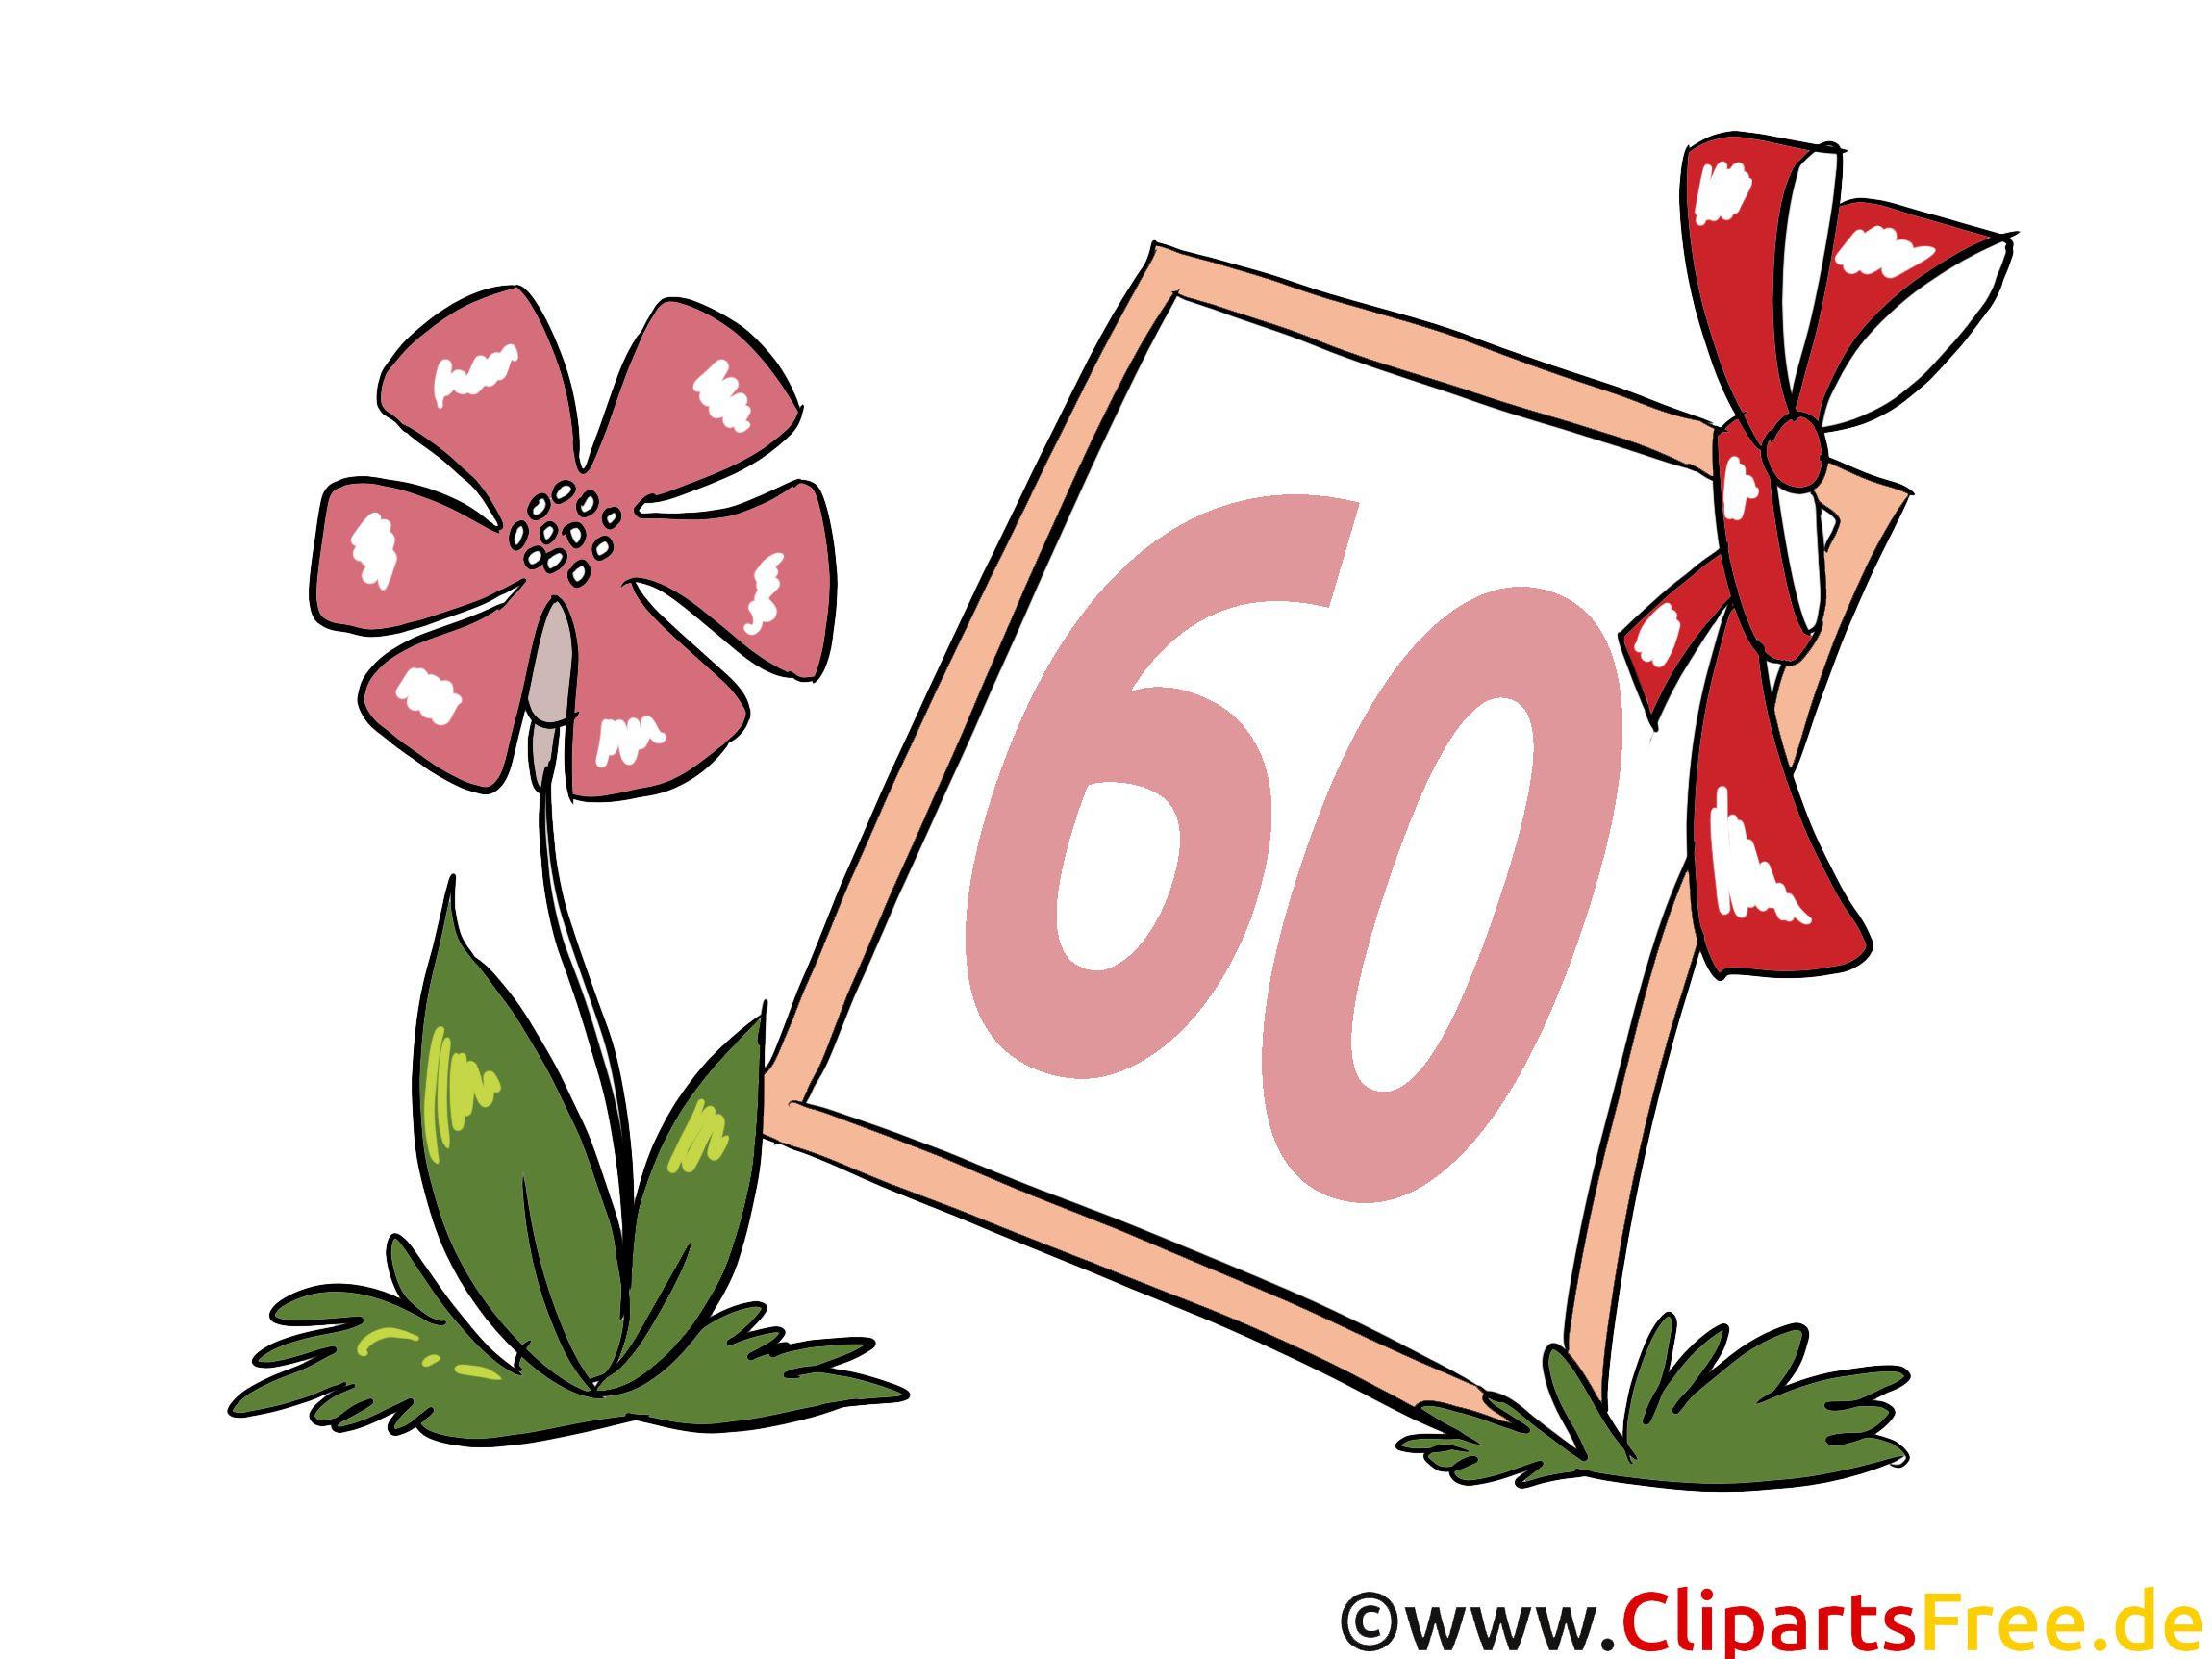 Geburtstagswünsche Zum 60  Lustige Bilder Zum 60 Geburtstag